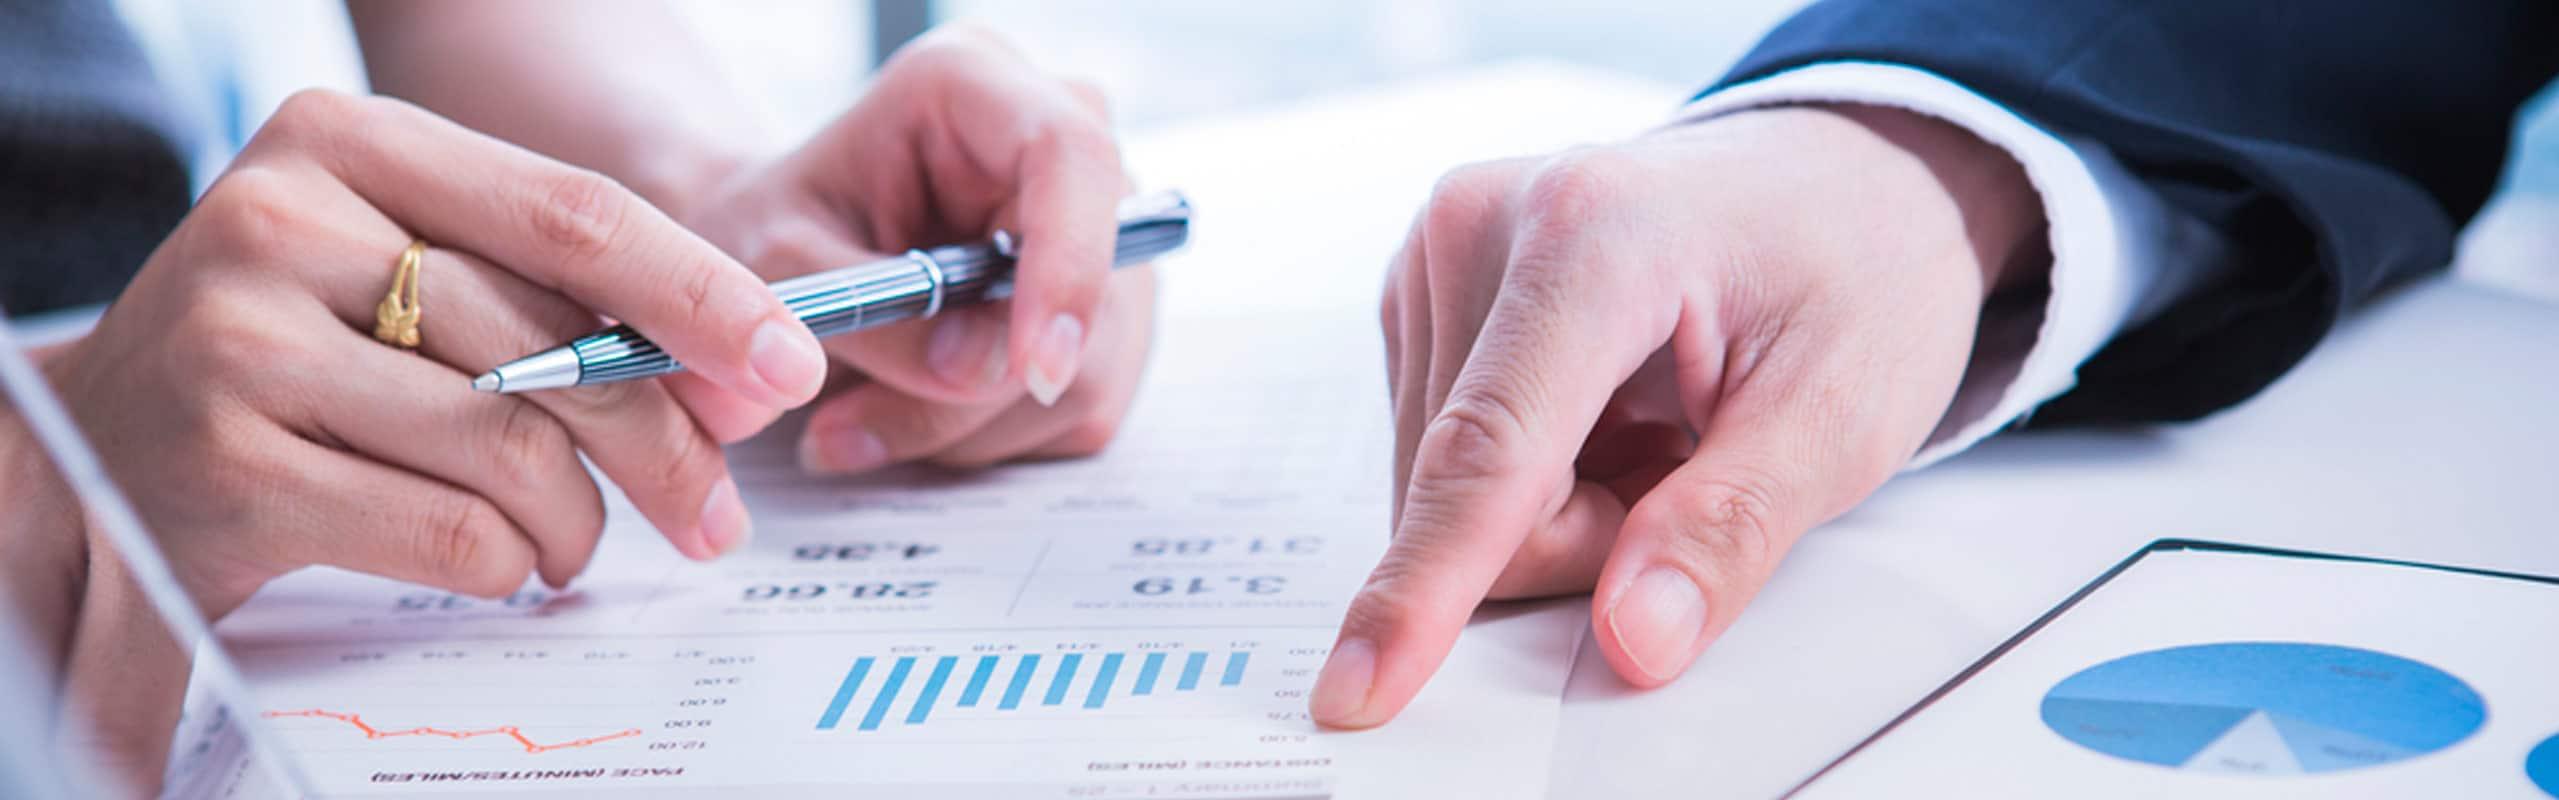 Descubre la asesoría contable y los servicios que ofrece